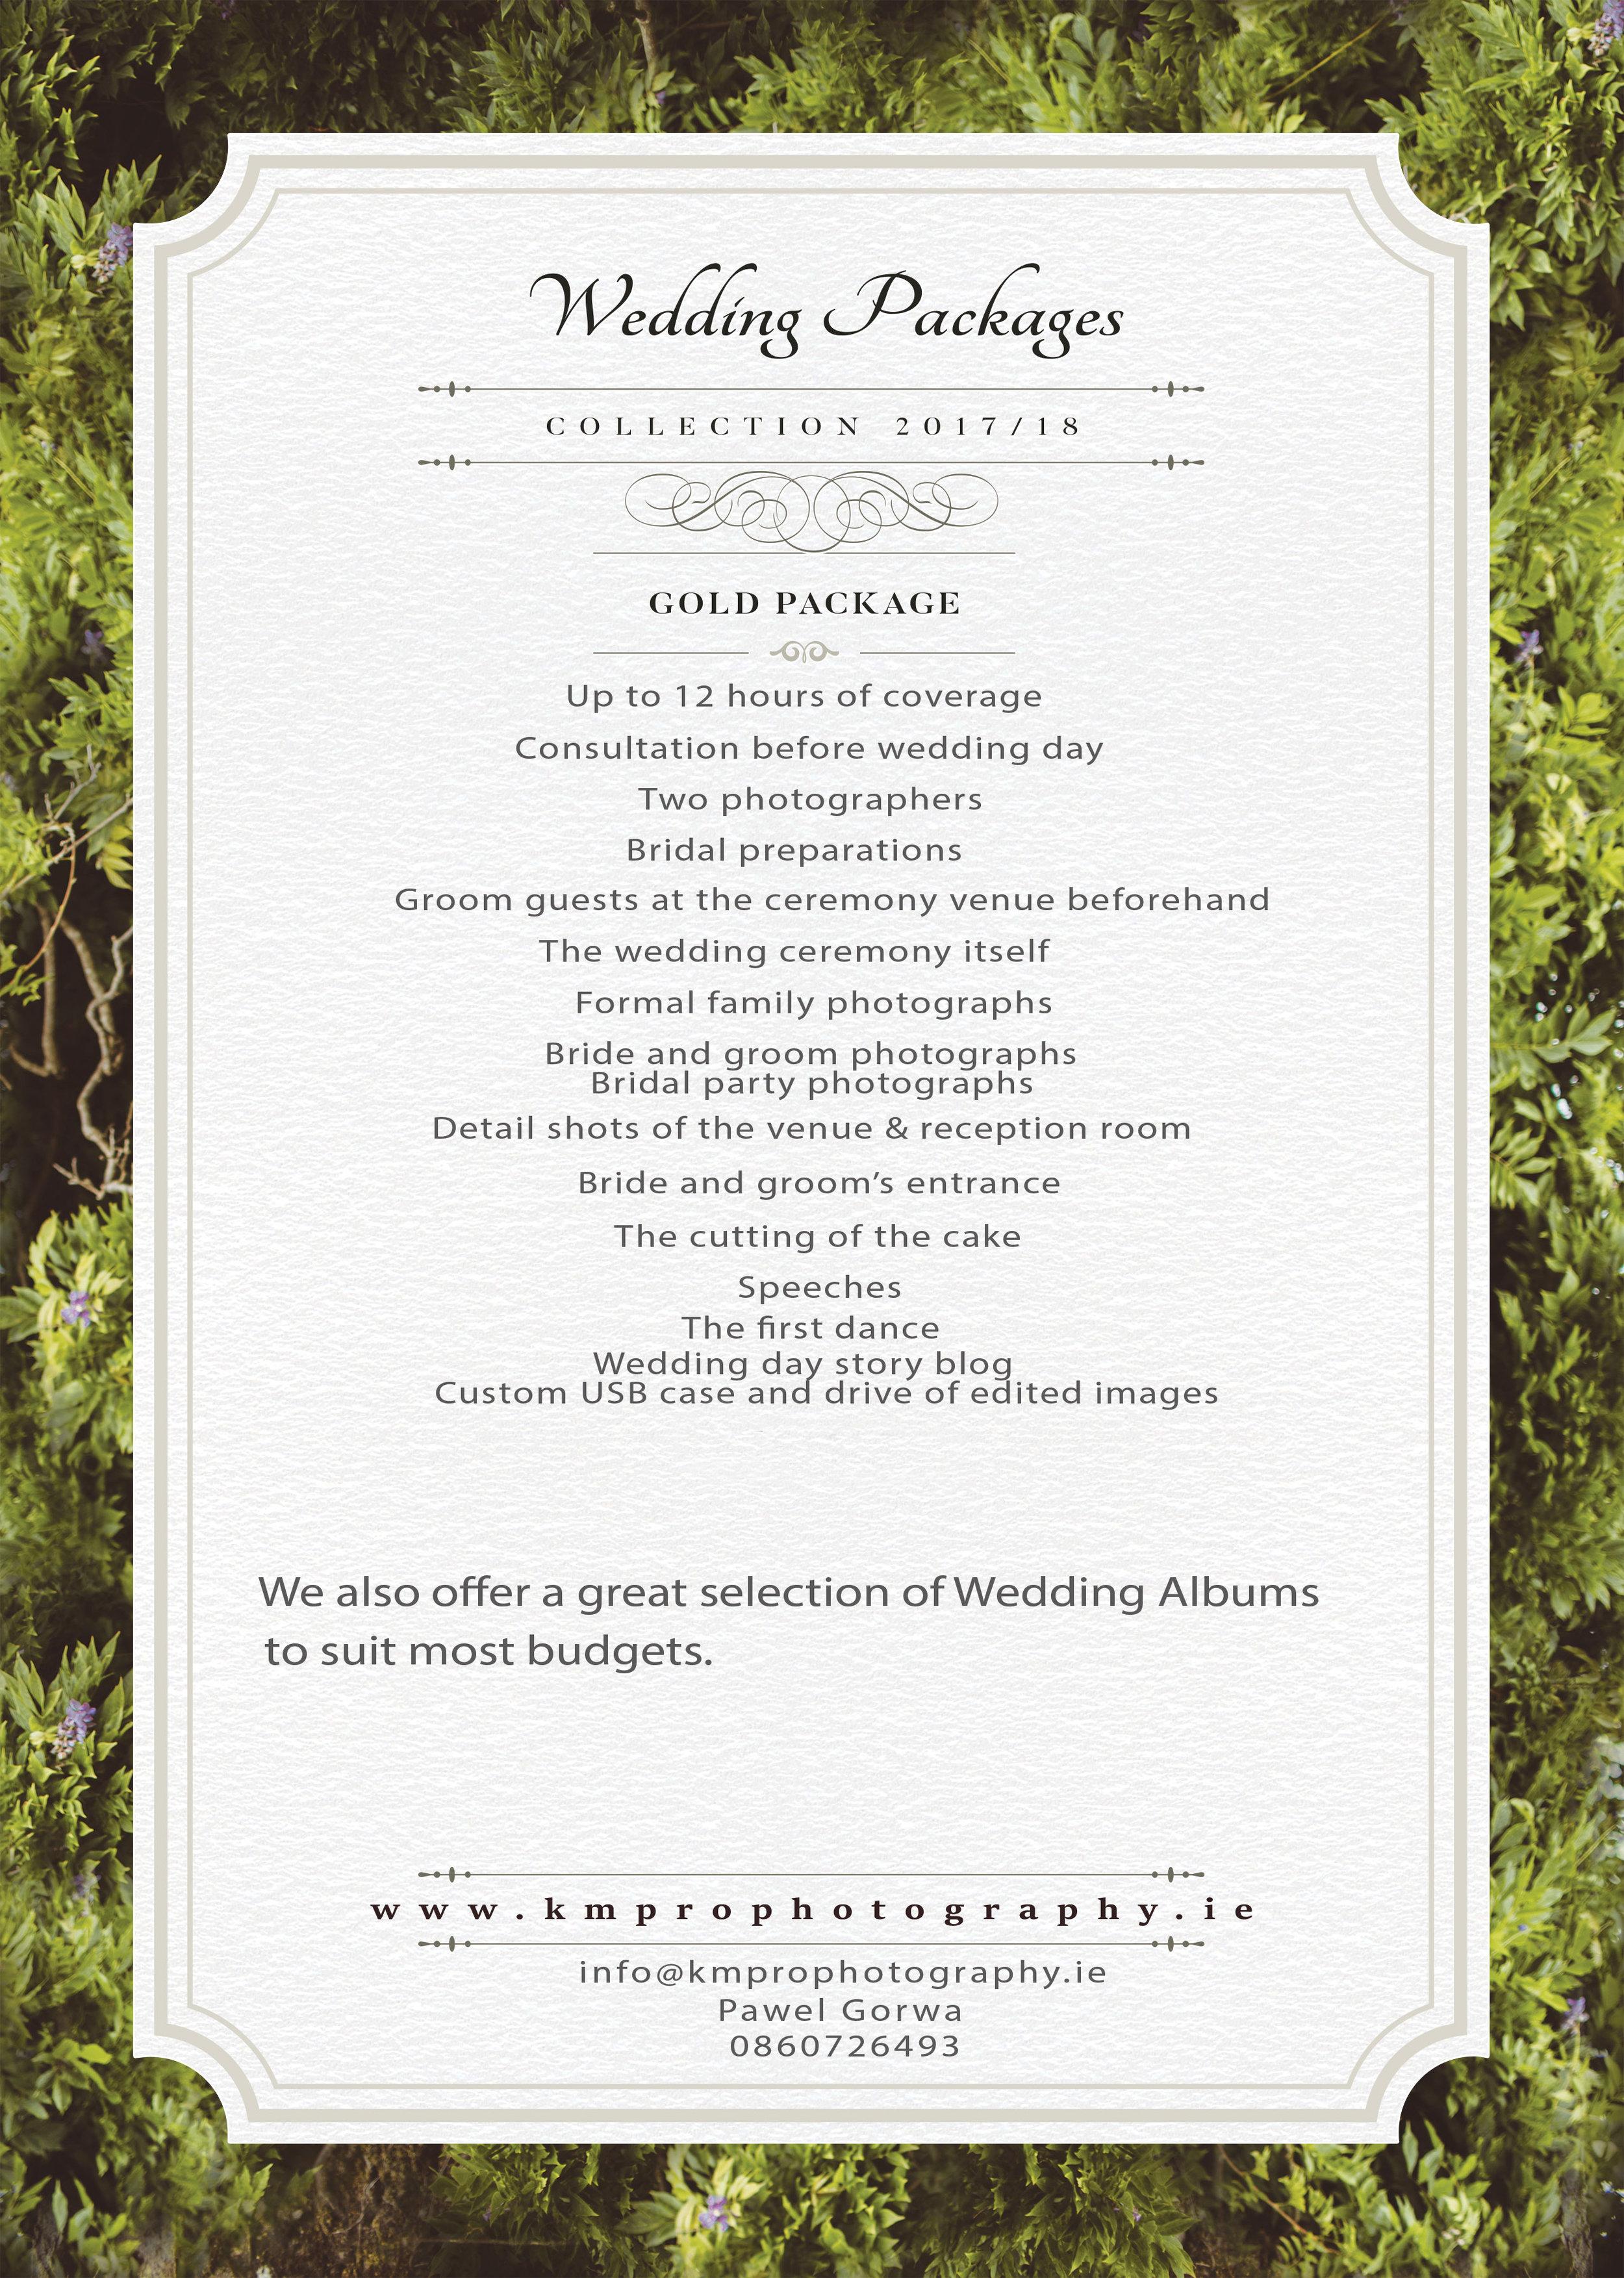 wedding-packages-2np2.jpg